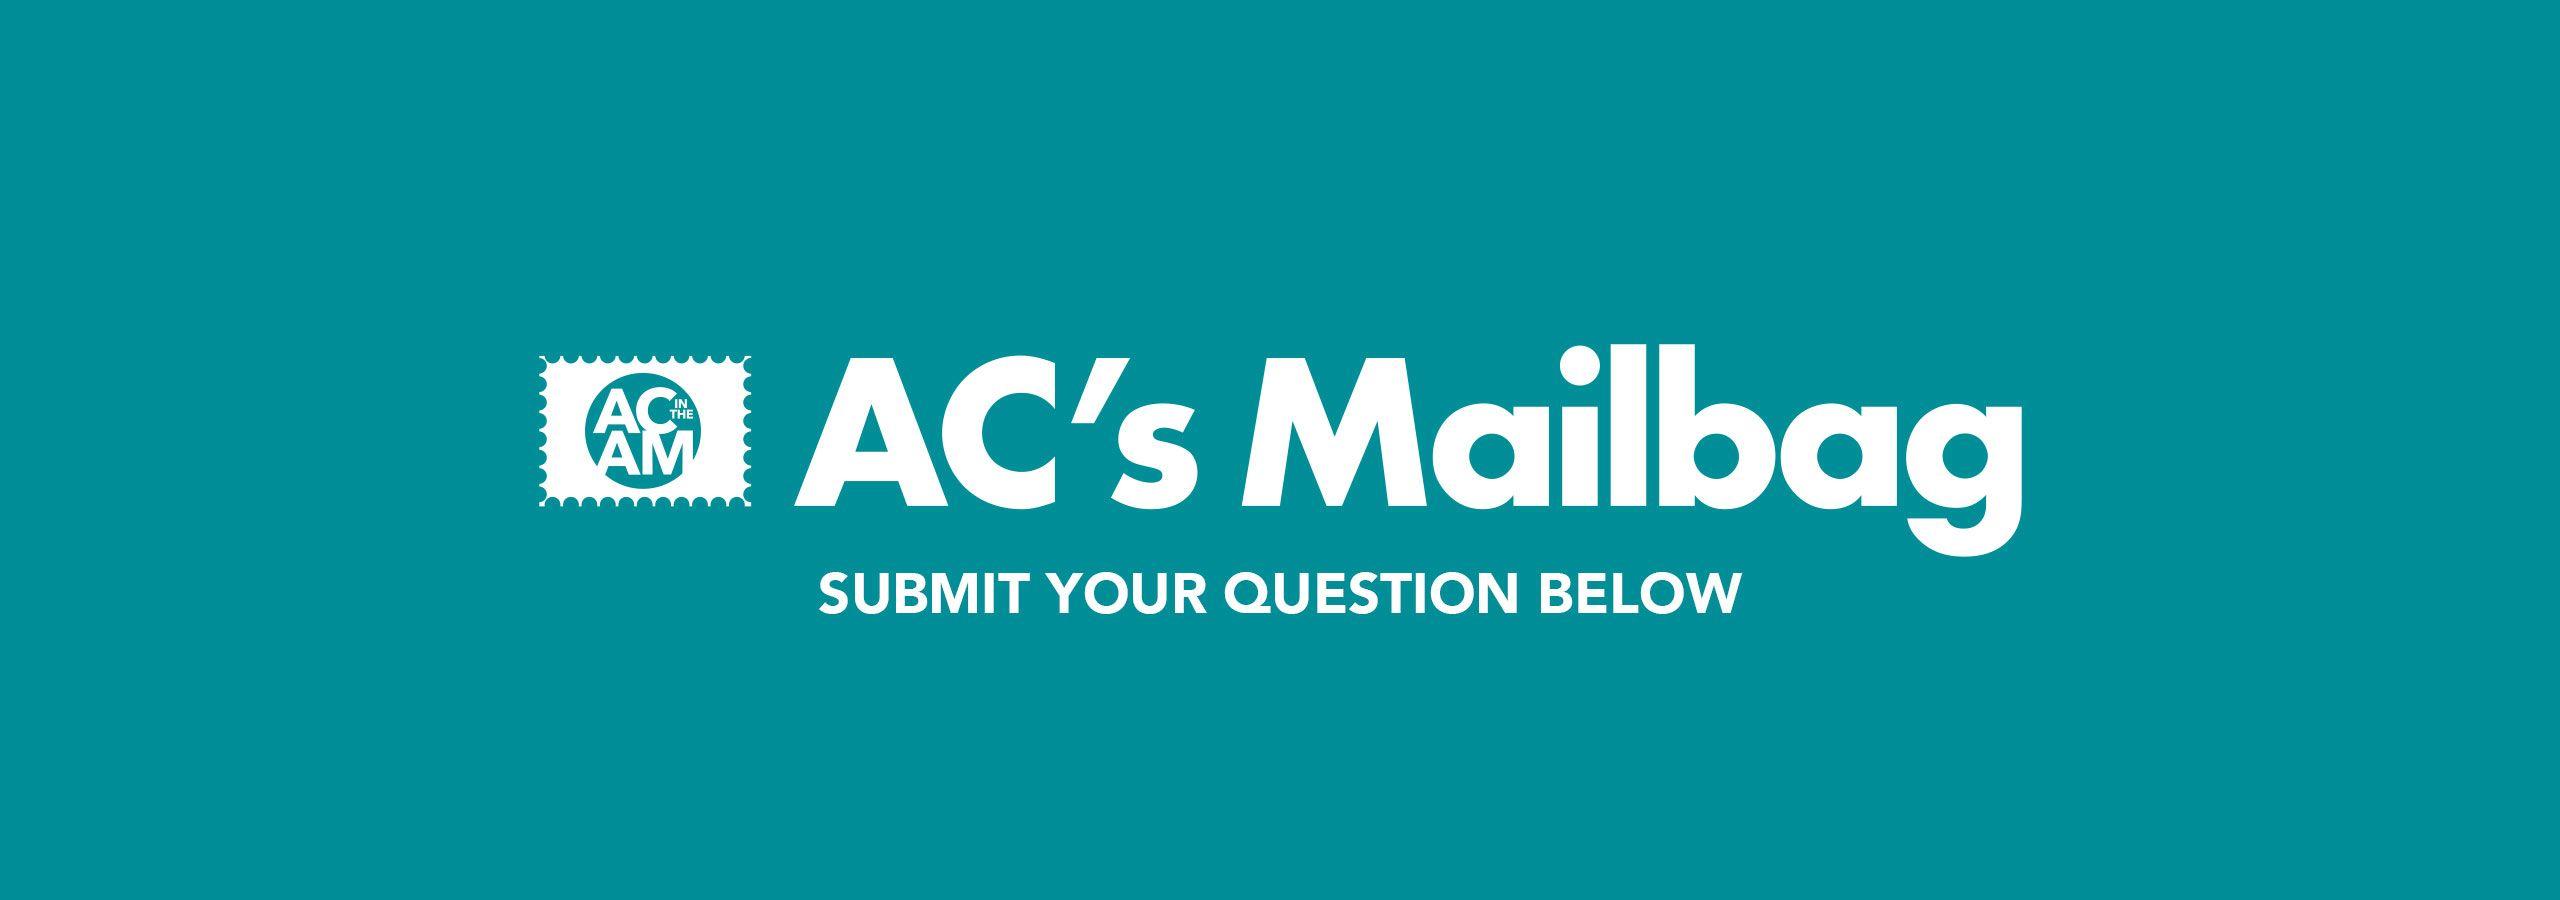 Mailbag-Header